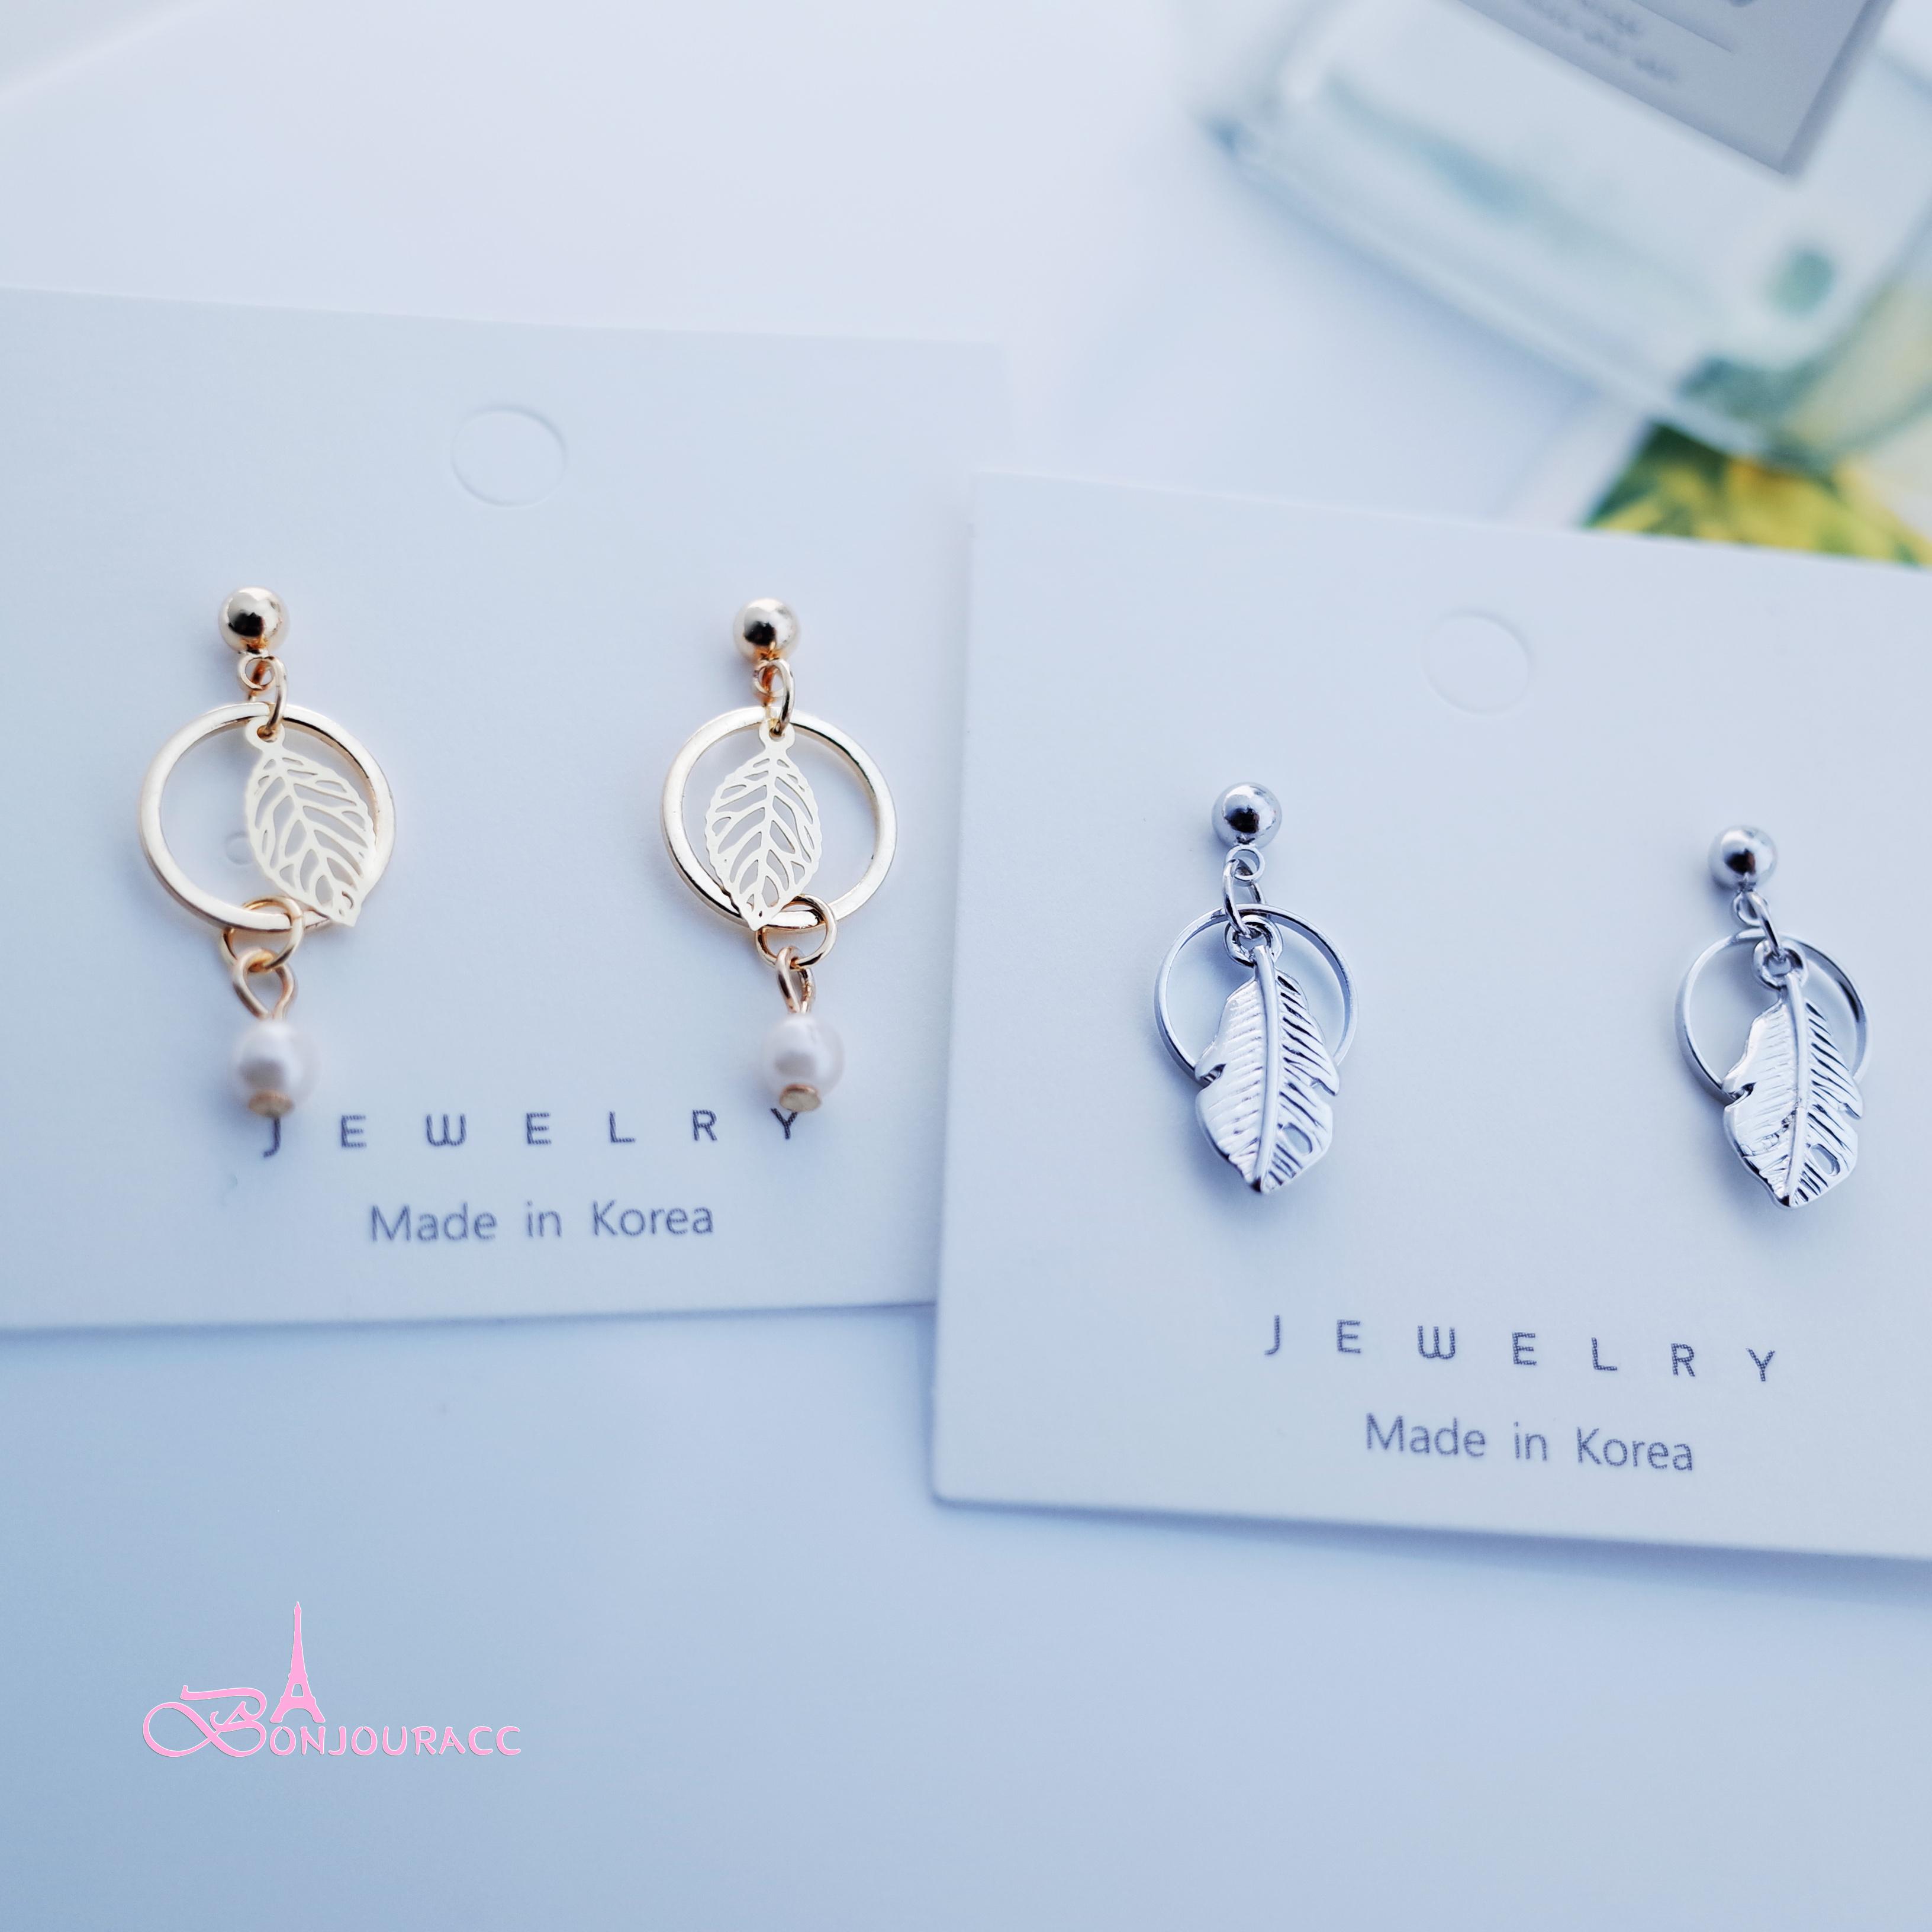 韓國 小圈系列 925銀針 針式 夾式 耳環 【Bonjouracc】